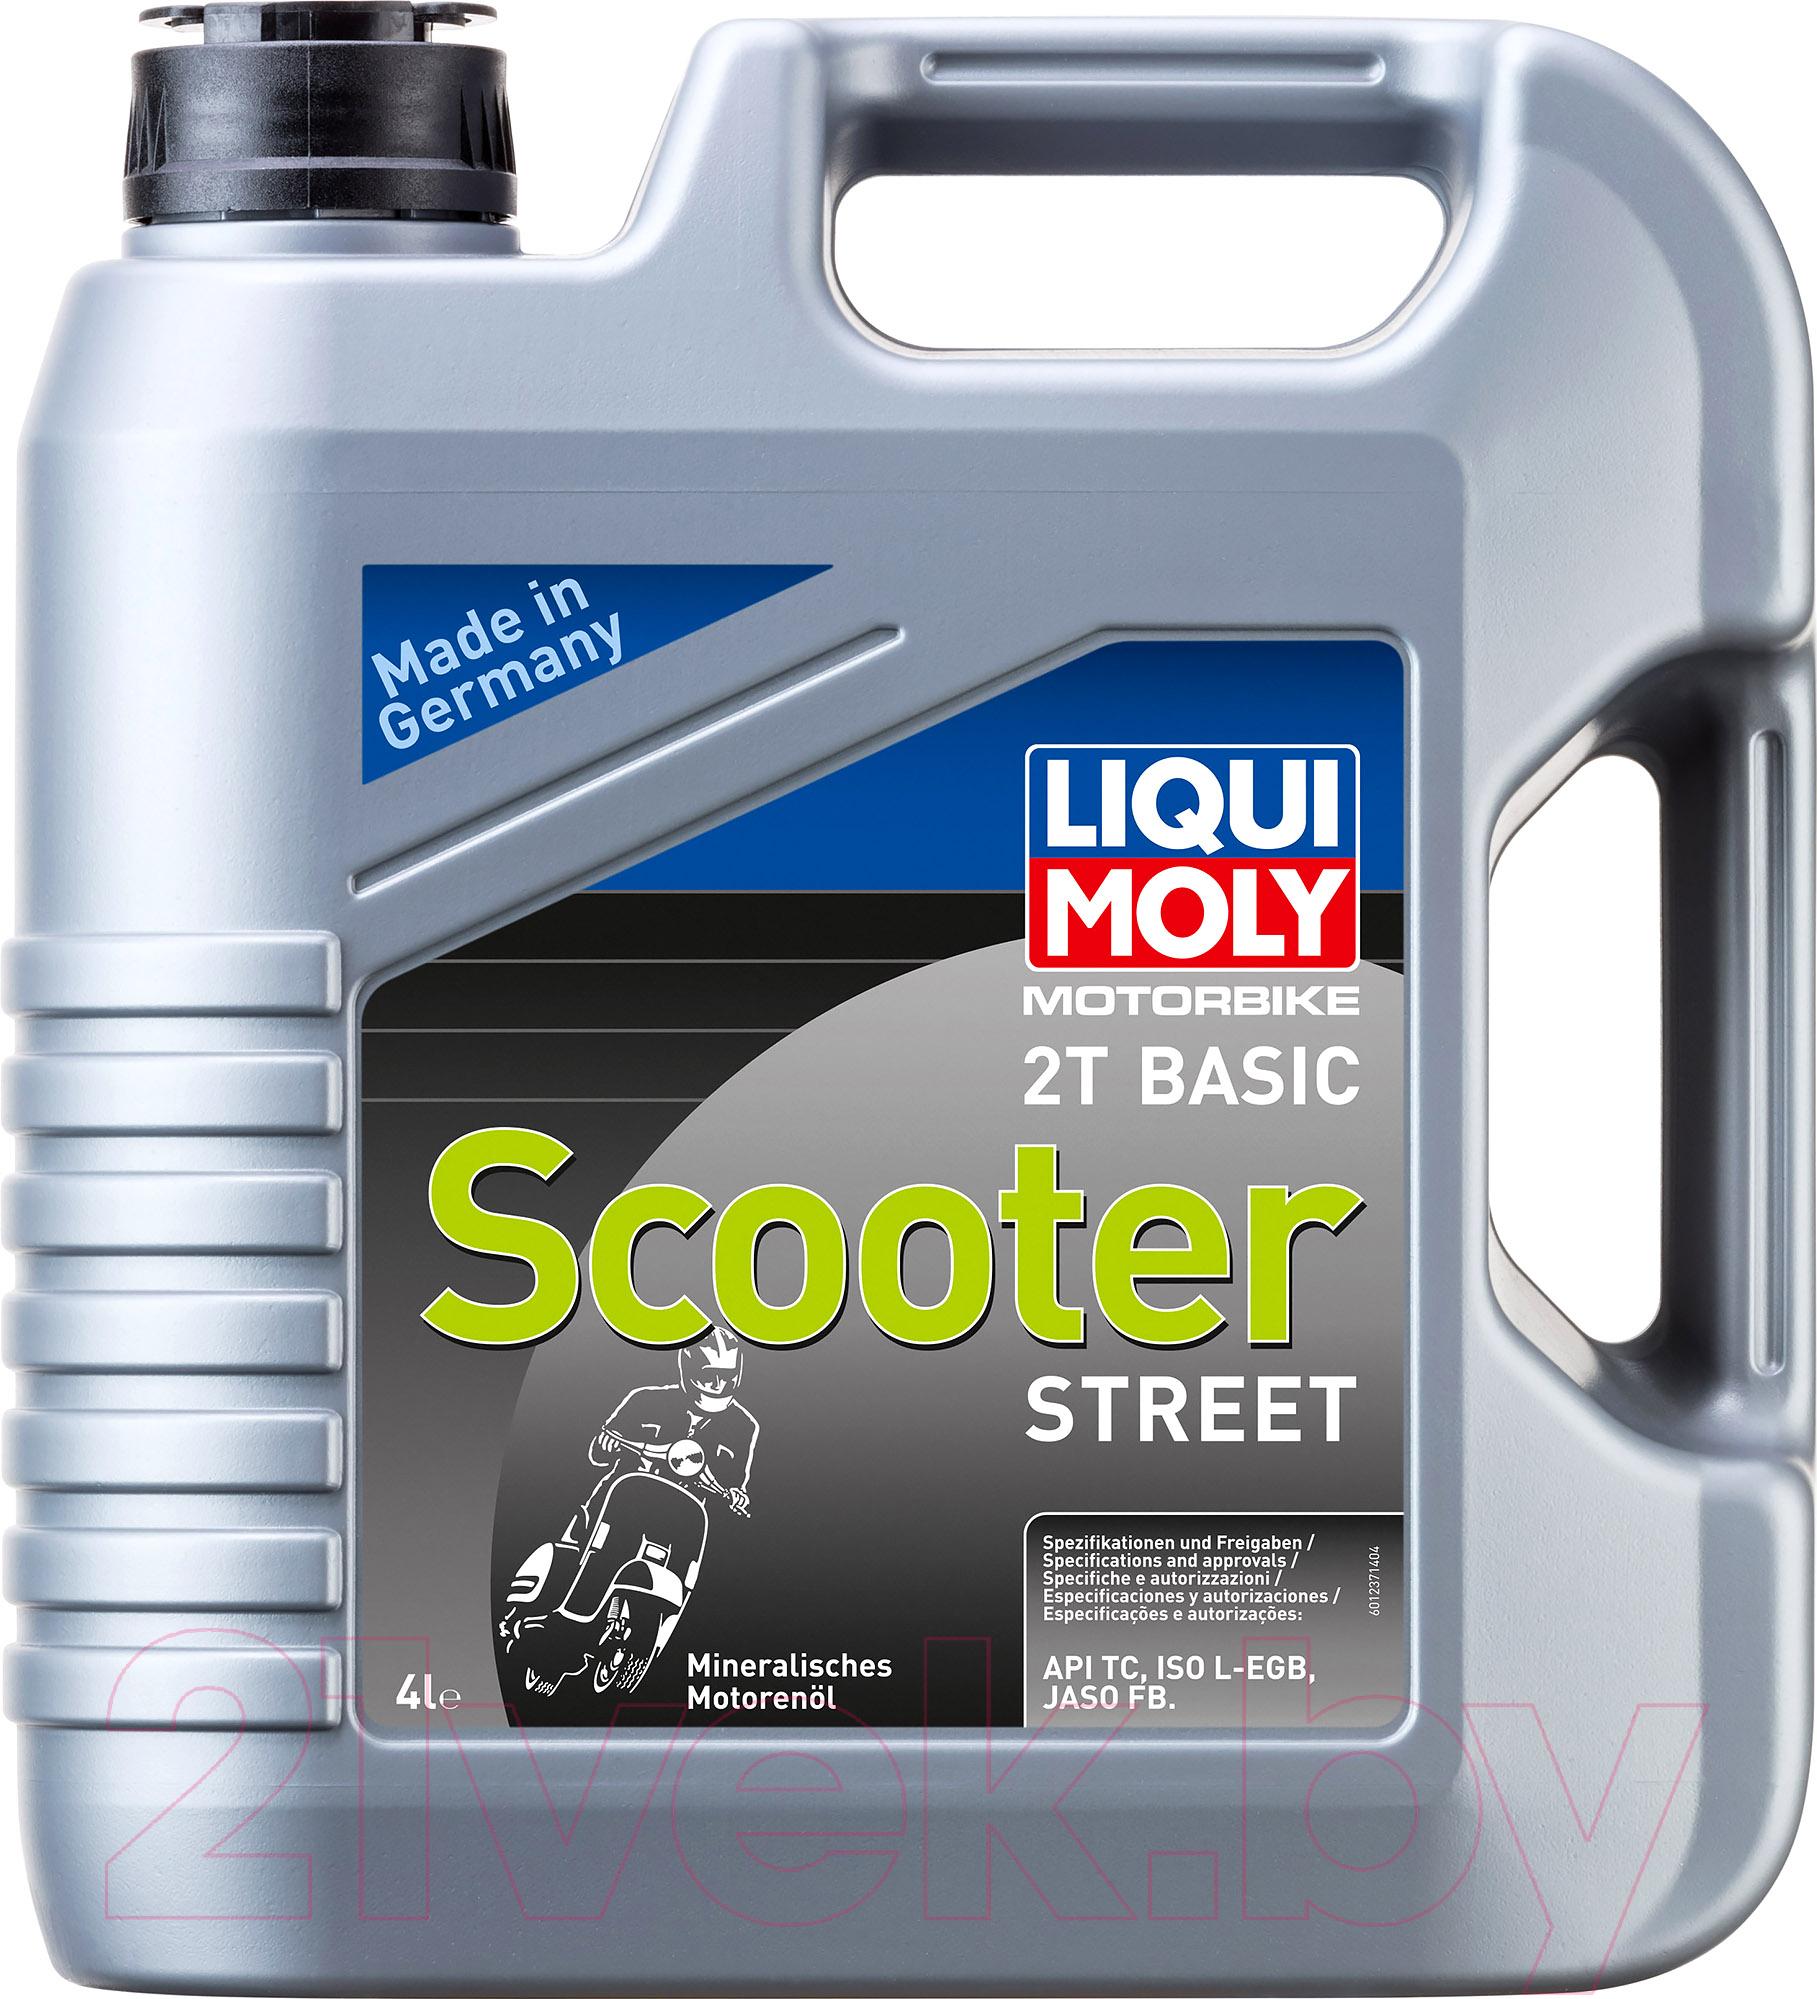 Купить Моторное масло Liqui Moly, Motorbike 2T Basic Scooter Street / 1237 (4л), Германия